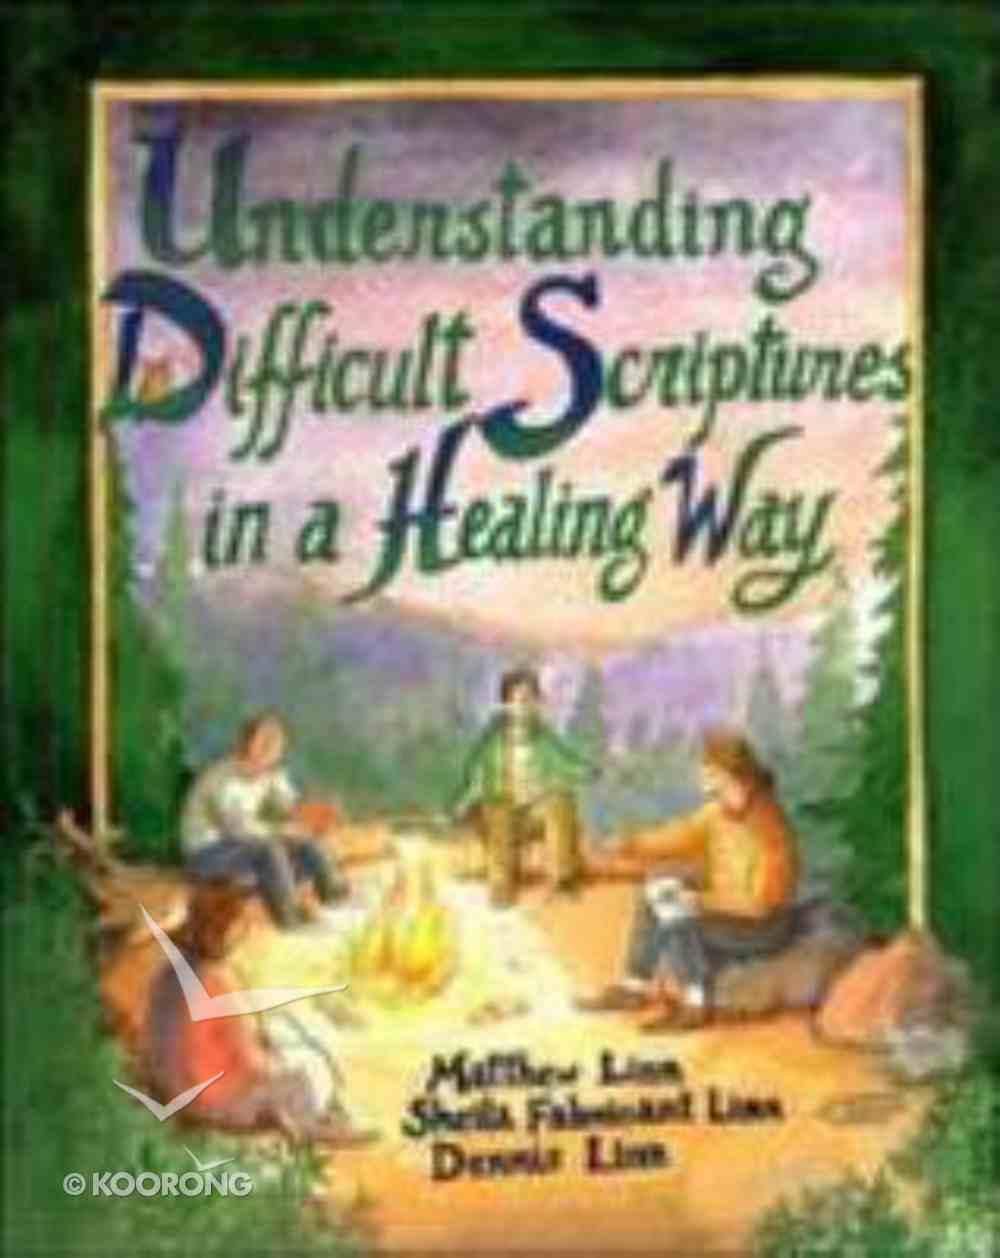 Understanding Difficult Scriptures in a Healing Way Paperback